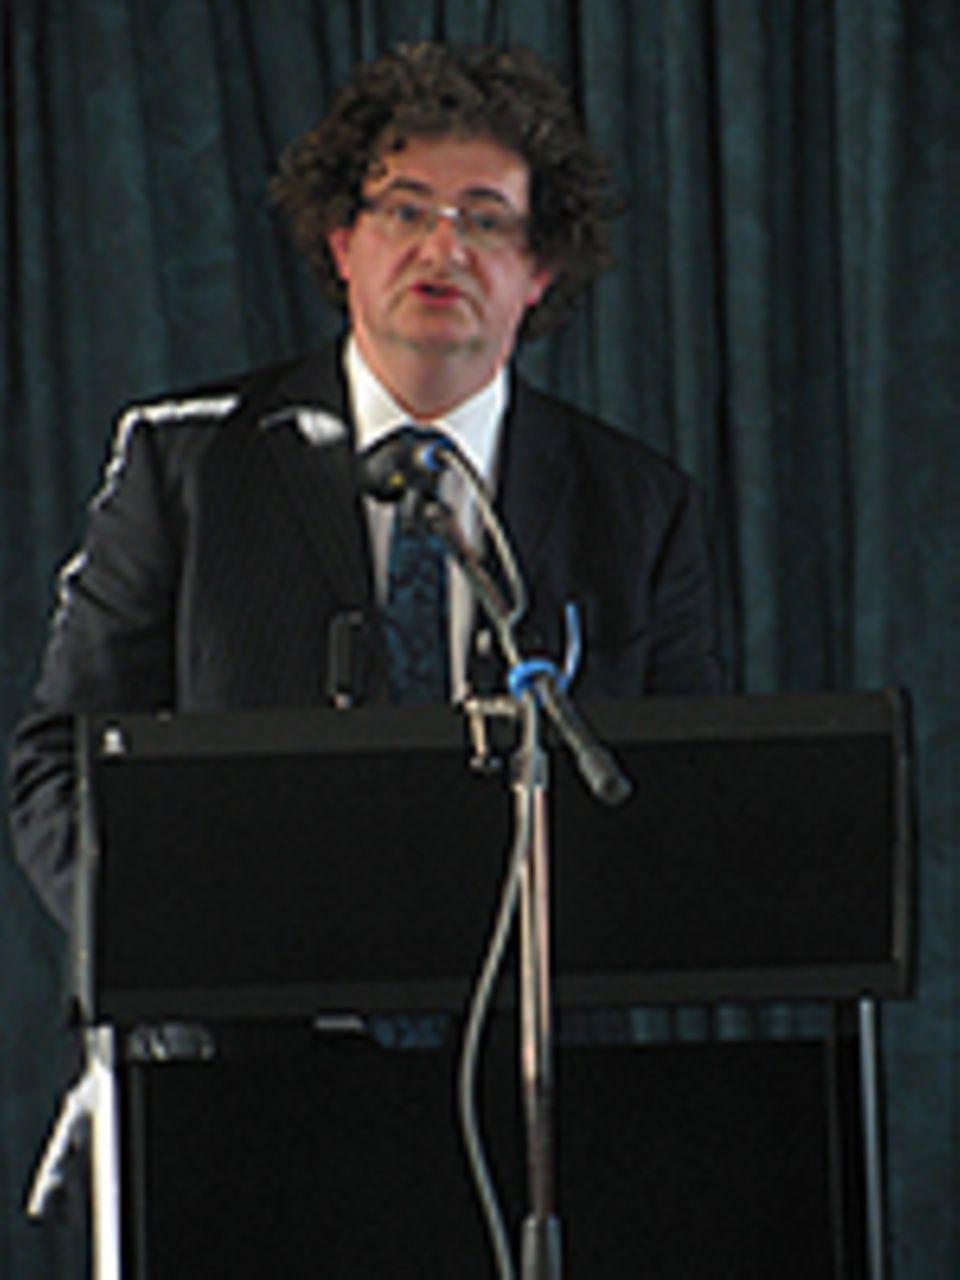 """INTERVIEW: Prof. Ian Yeoman forscht an der Victoria University Wellington und berät die Tourismusorganisation der UN. Sein Buch """"2050 – Tomorrow's Tourism"""" erschien 2012 bei Channel View Publications, Bristol"""